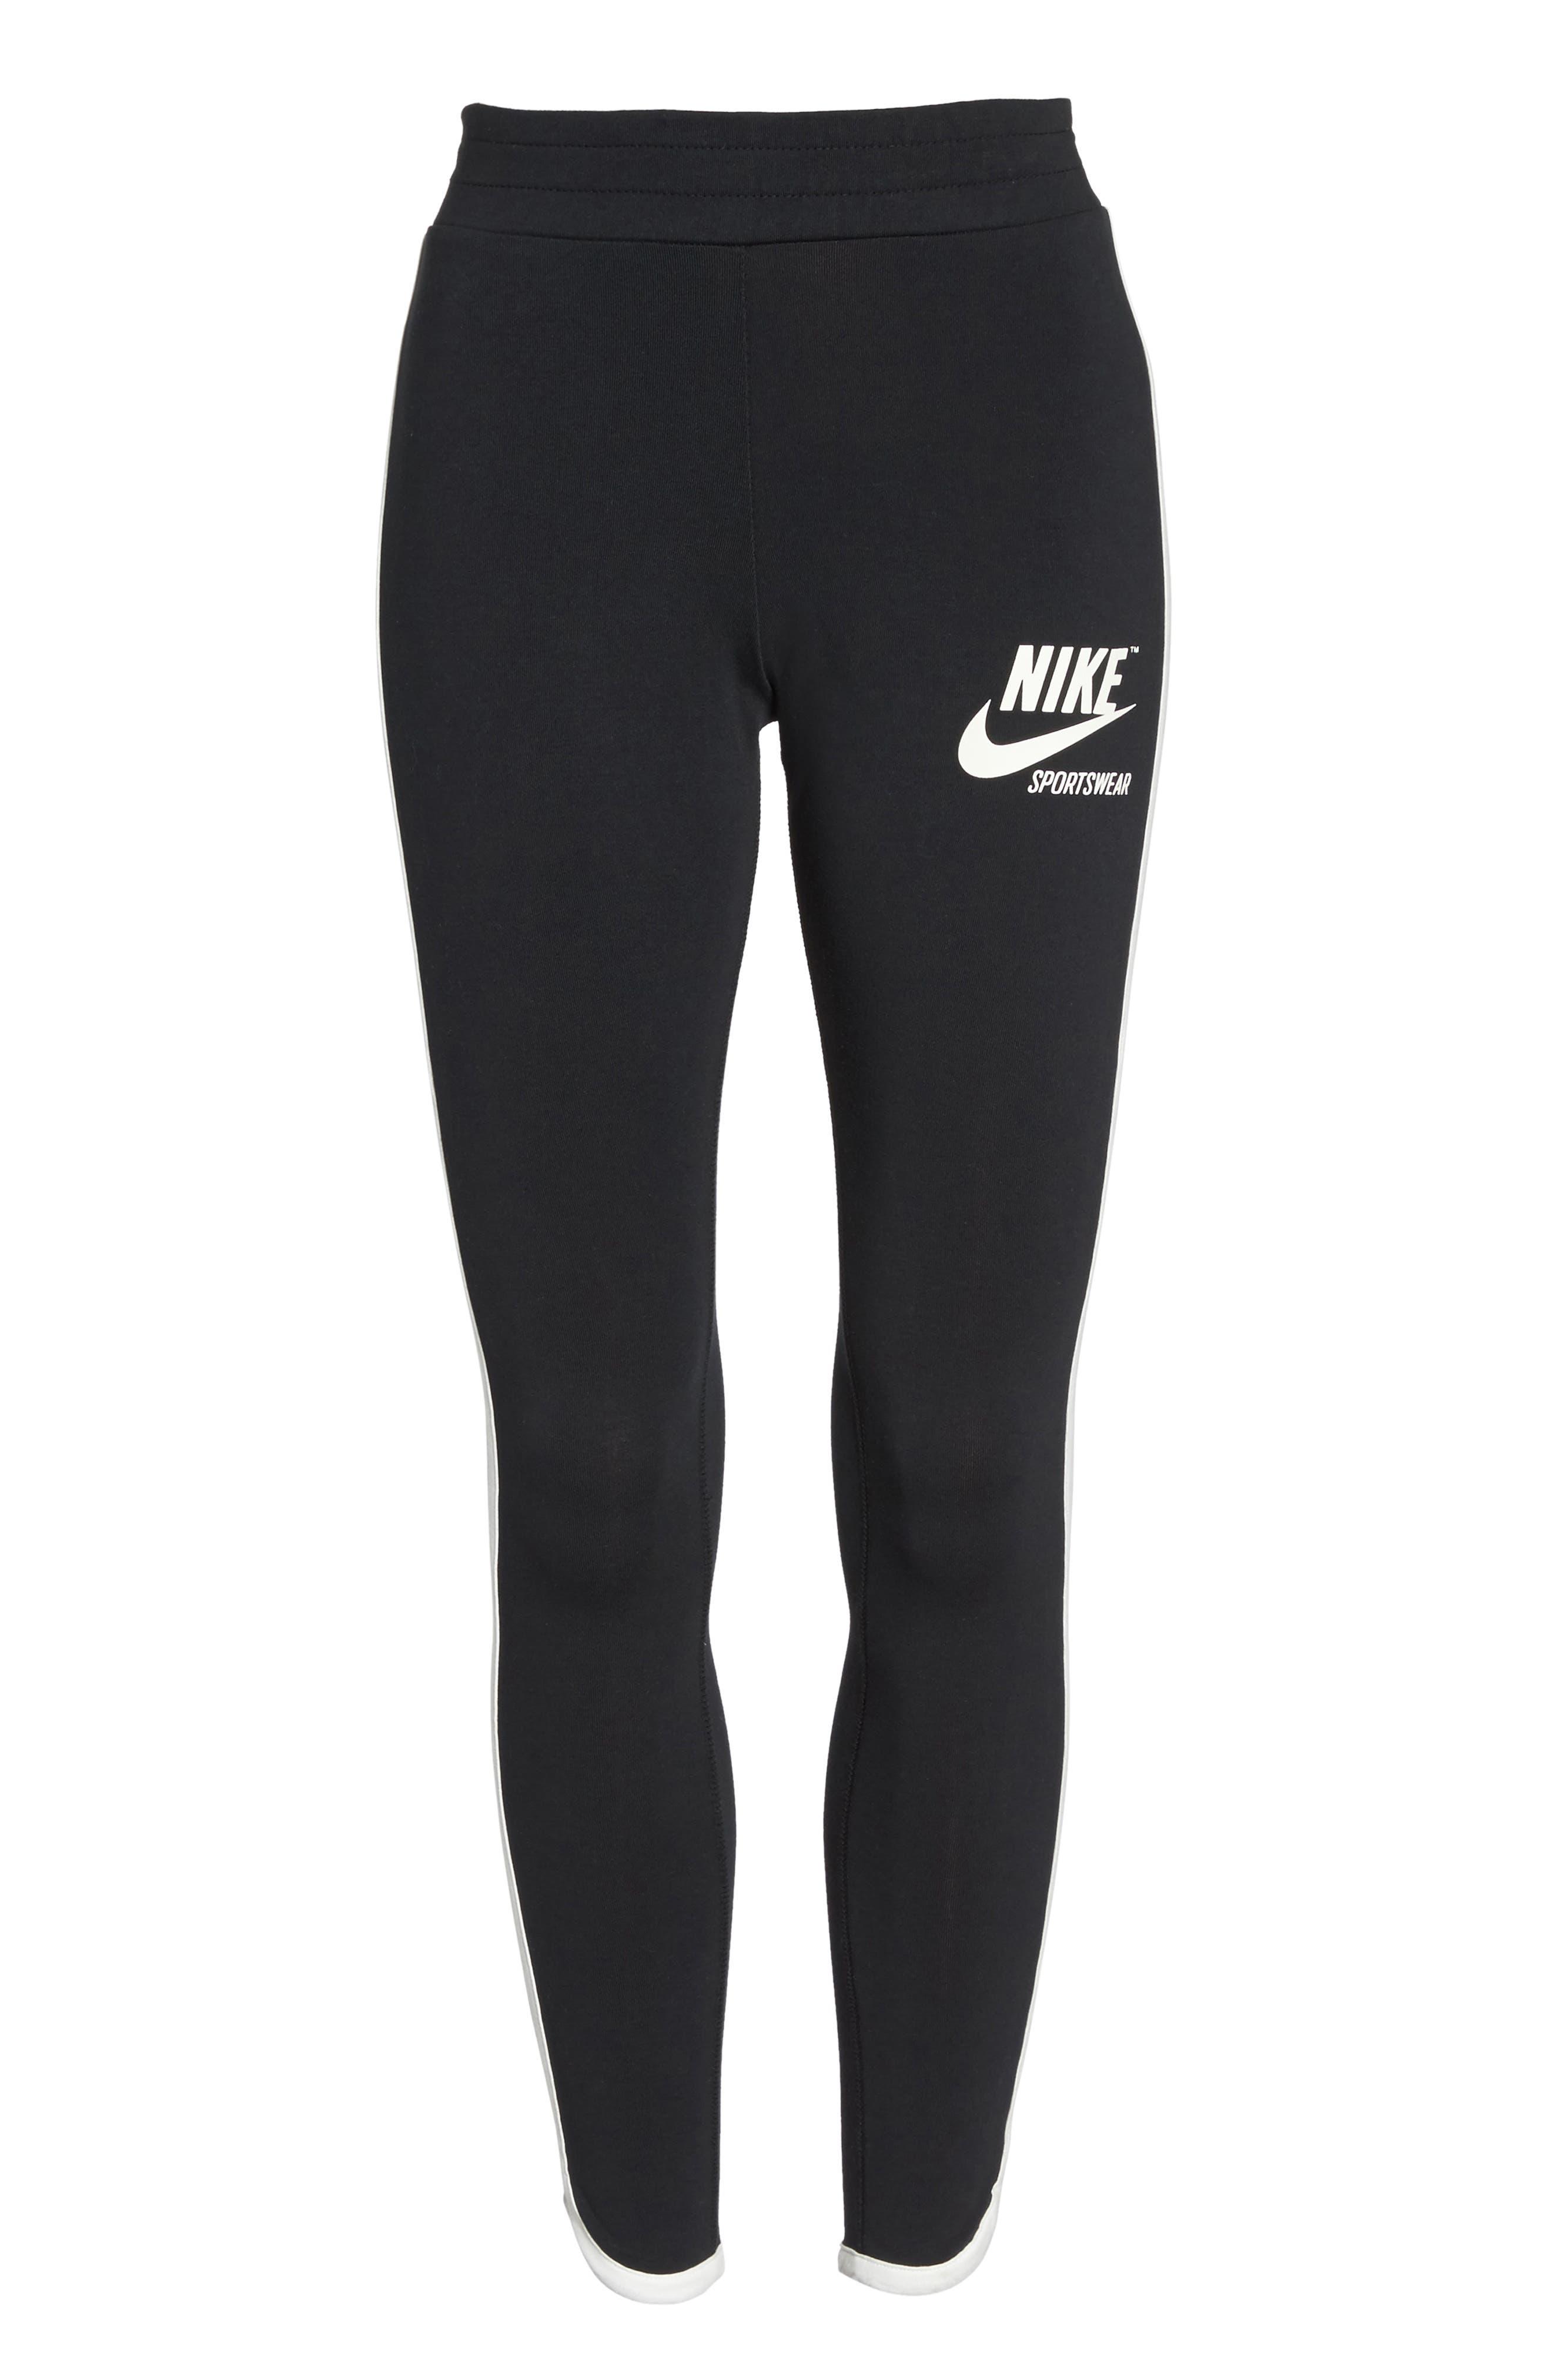 Sportswear Women's Leggings,                         Main,                         color, 010